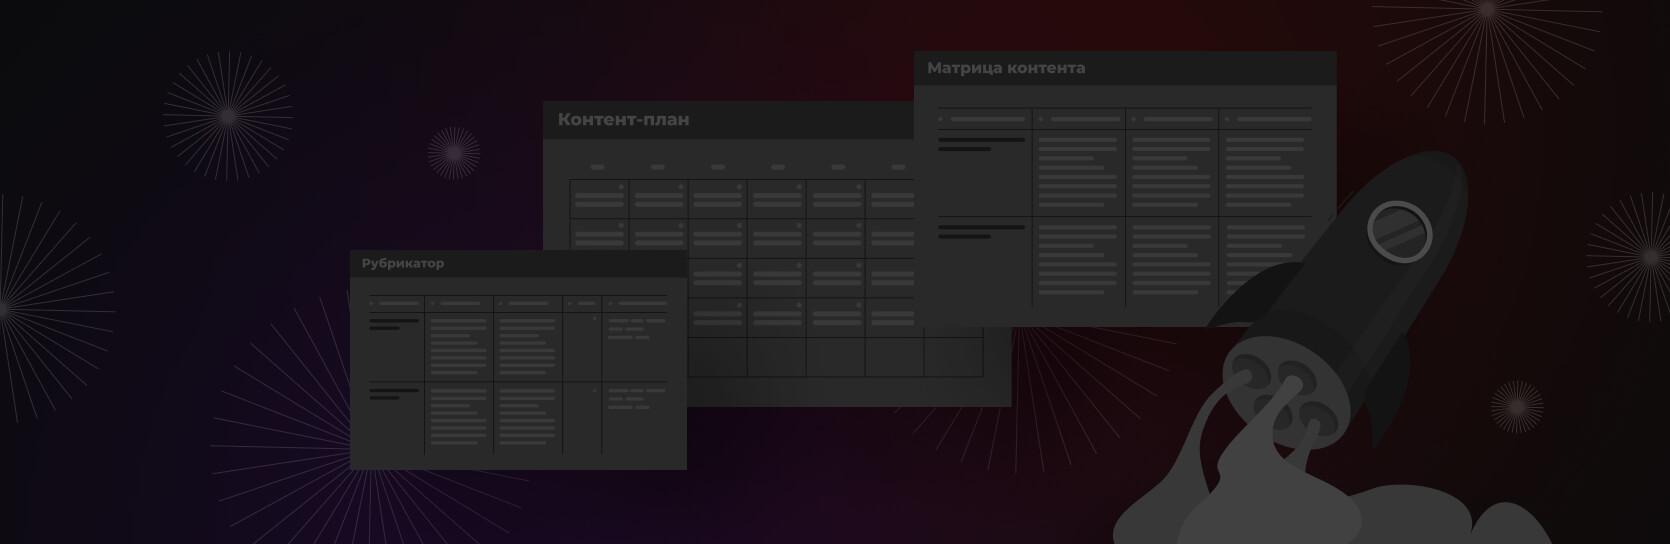 Составляем матрицу контента, рубрикатор и контент-план для постов и статей